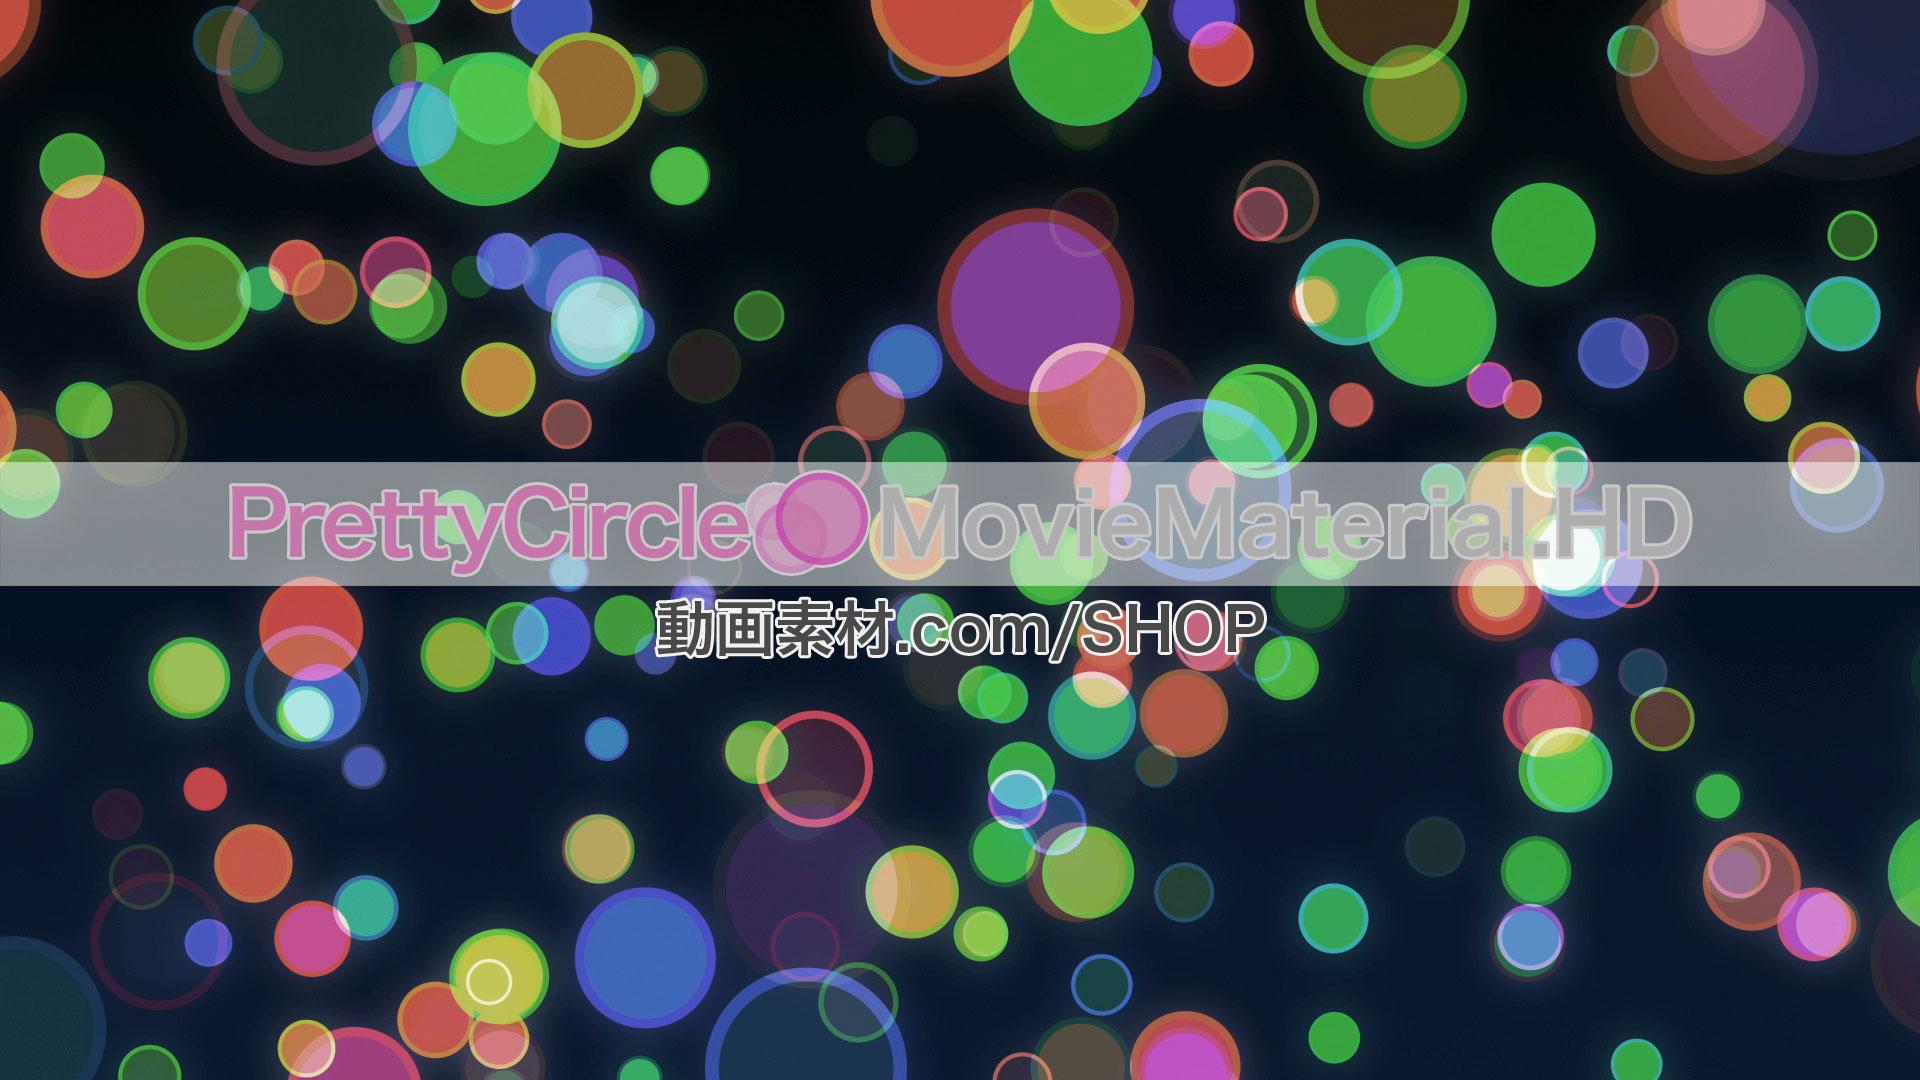 PrettyCircle MovieMaterial.HD 丸や玉をモチーフにしたフルハイビジョンCG動画素材集 ロイヤリティフリーimage3